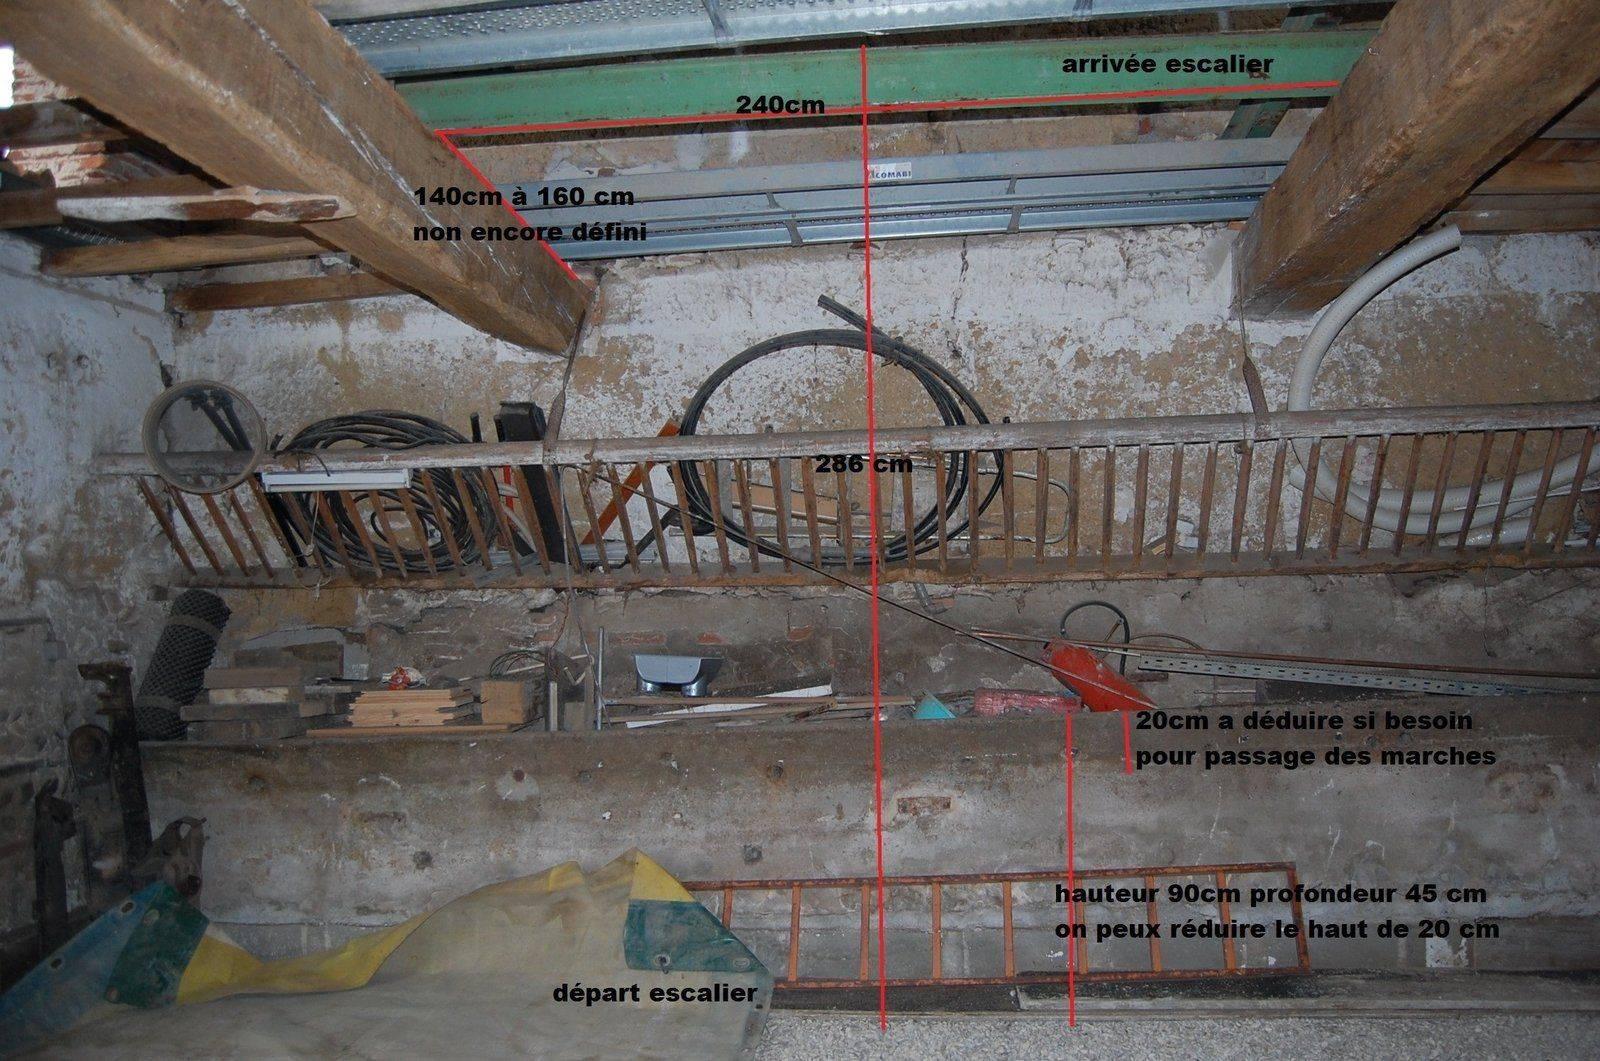 escalier chaouki.JPG